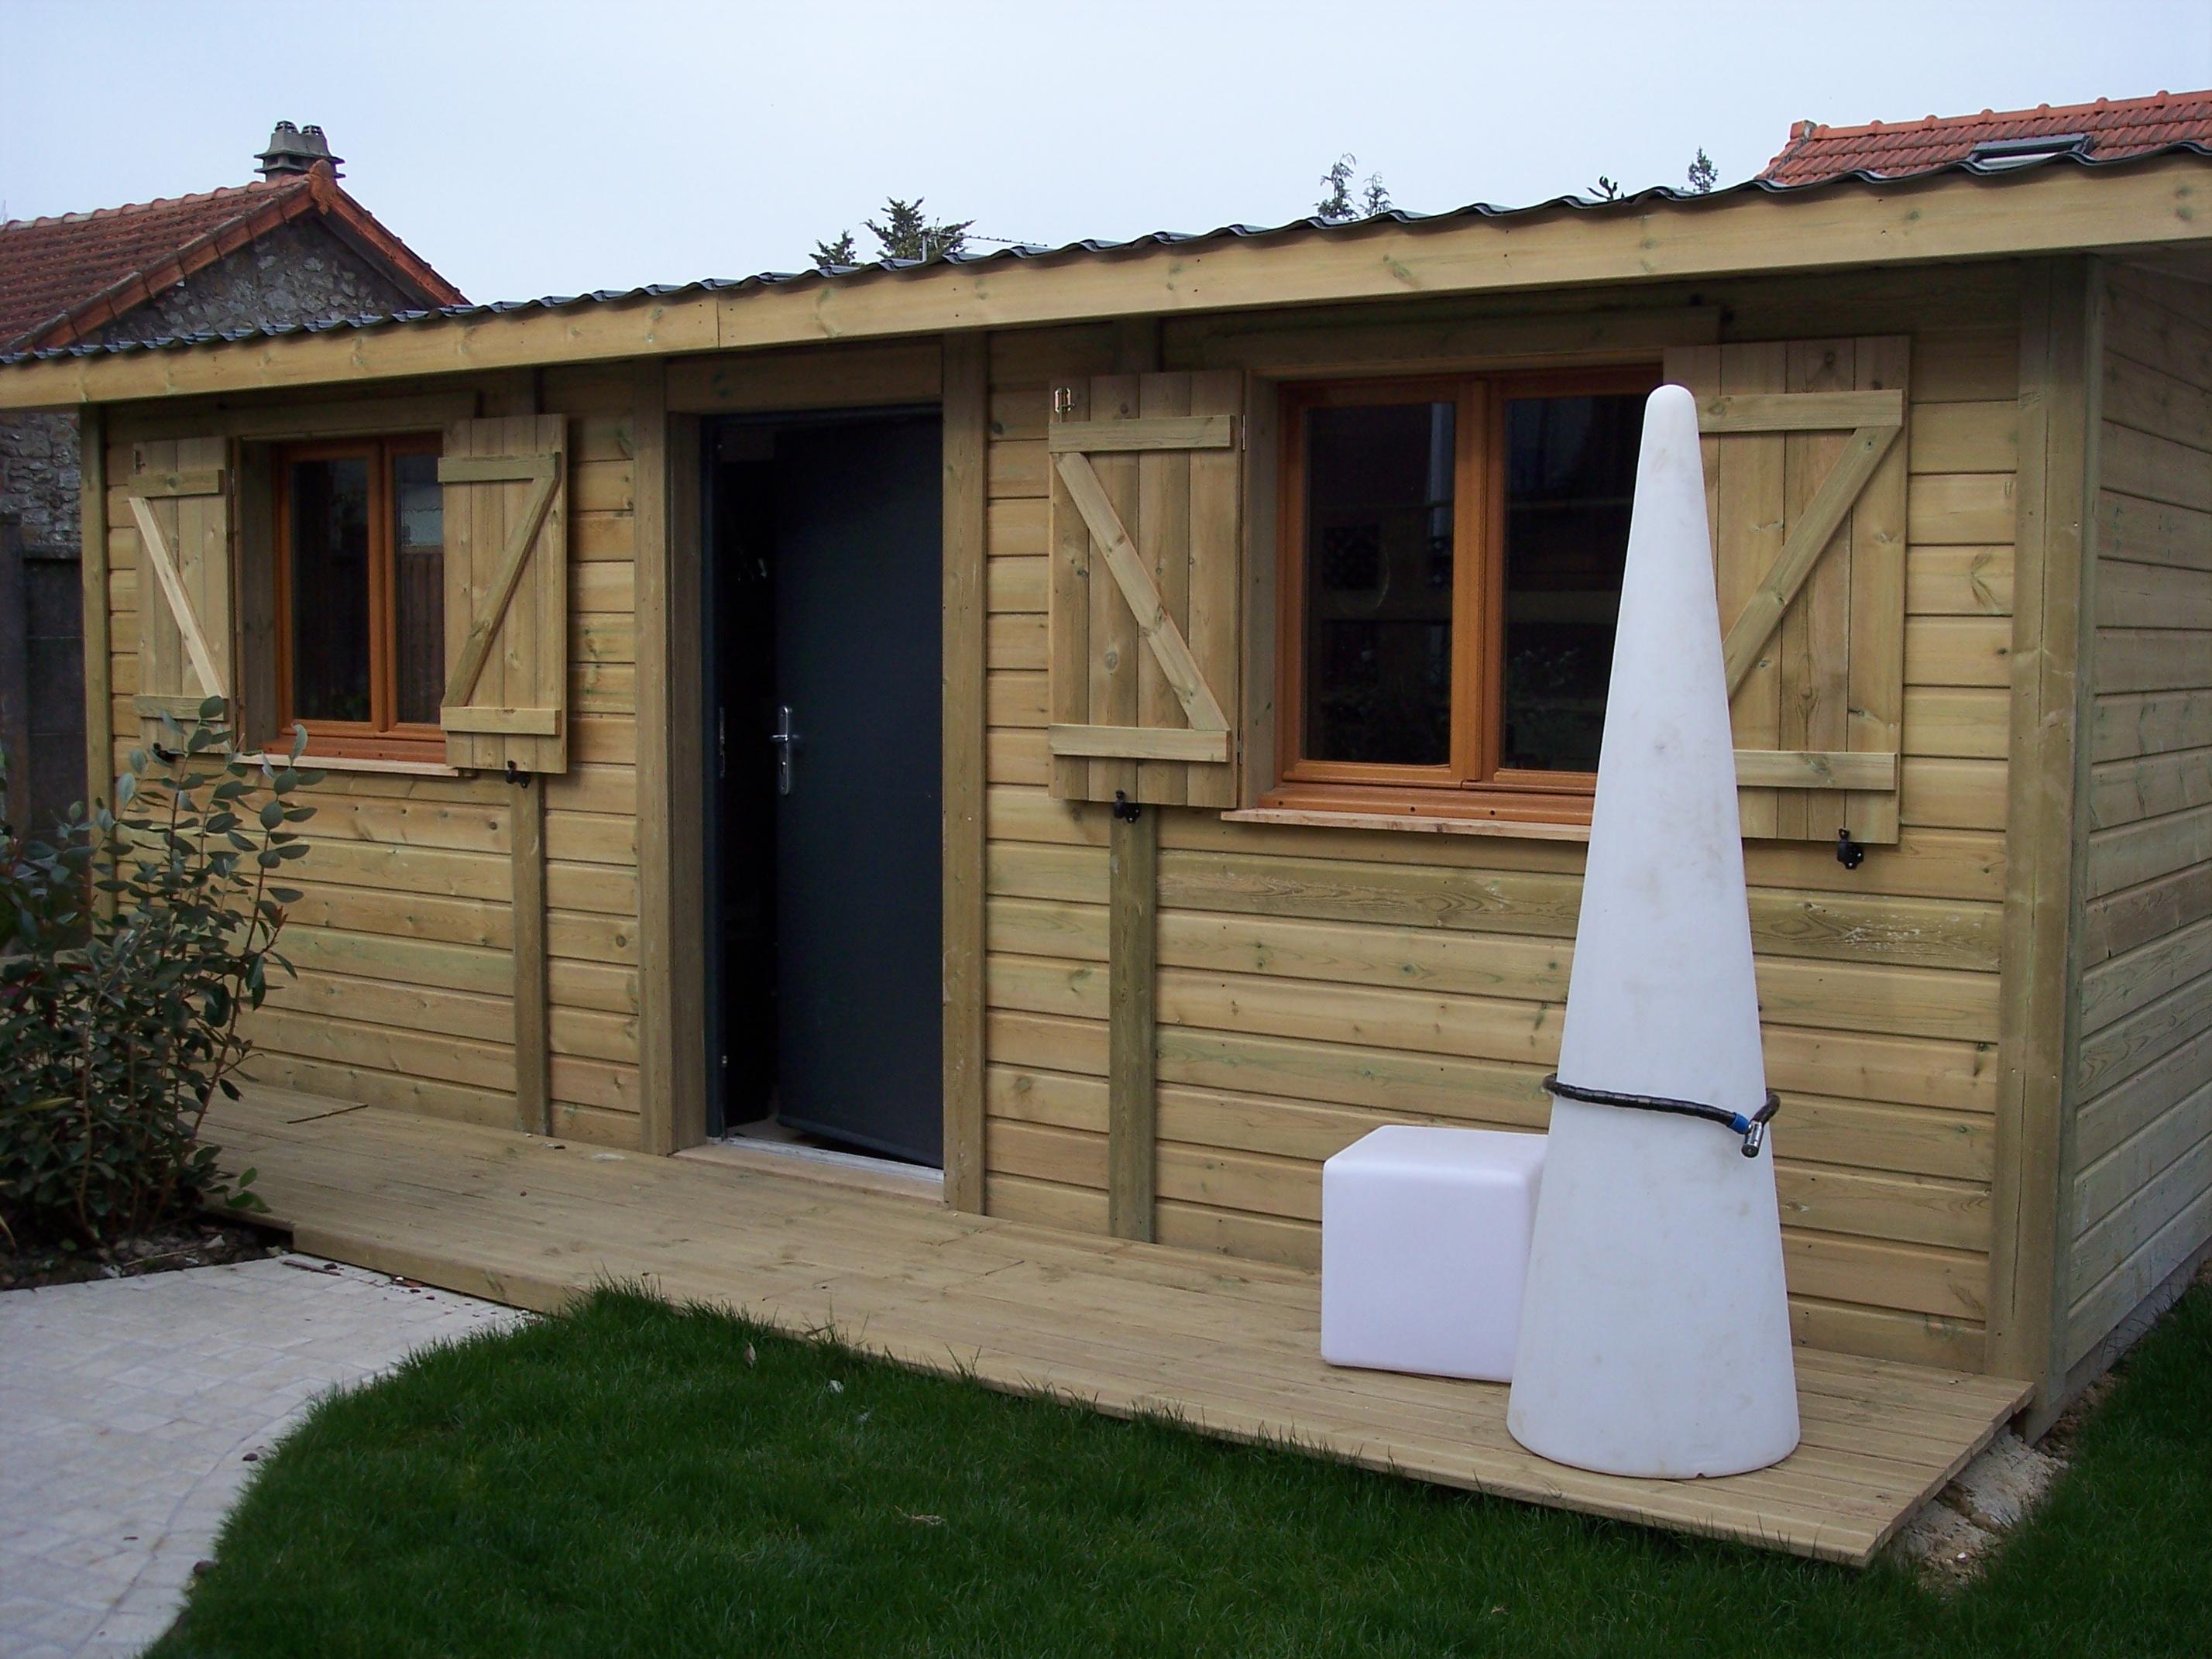 Design cabane jardin toit plat pas cher tours 2113 cabane a sucre paquette 419 5e avenue - Cabane jardin berchet tourcoing ...